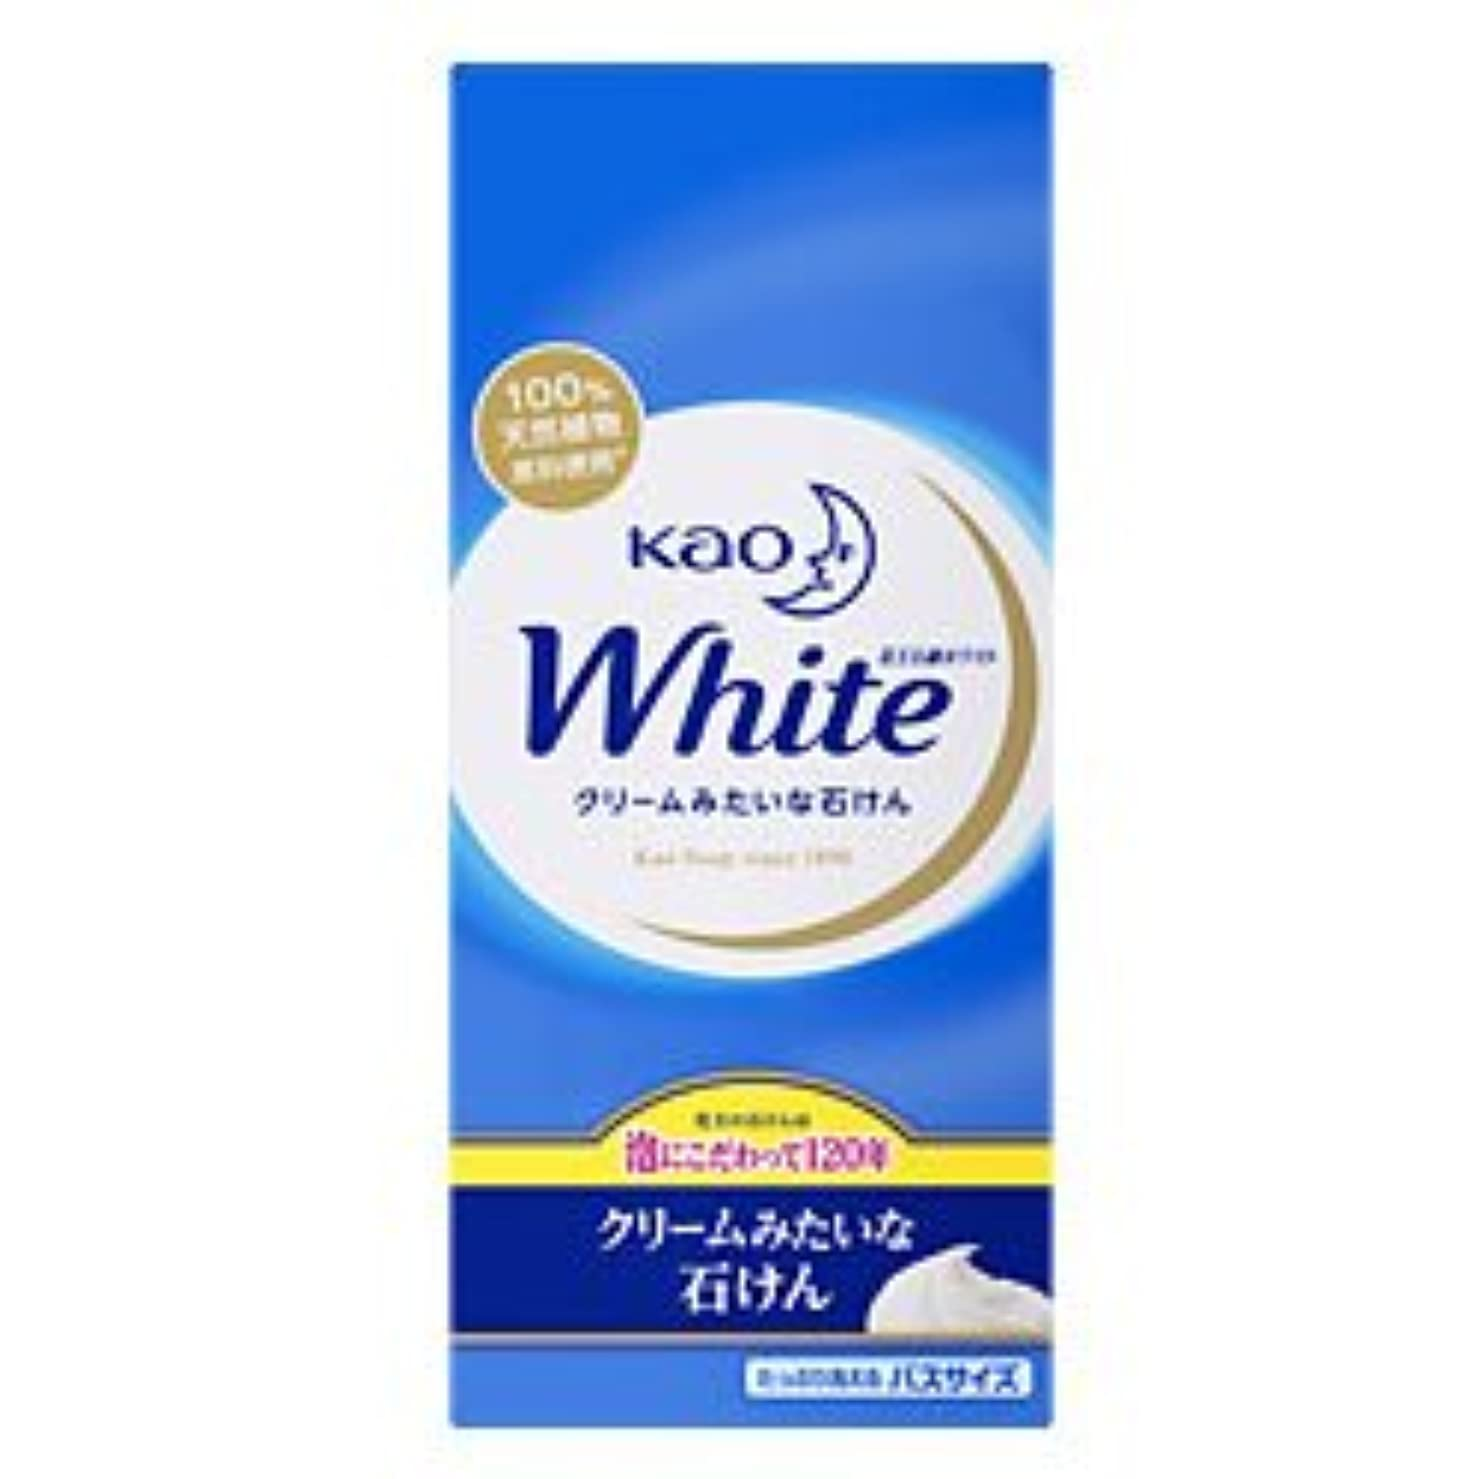 煙突談話幾分【花王】花王ホワイト バスサイズ 130g×6個 ×20個セット